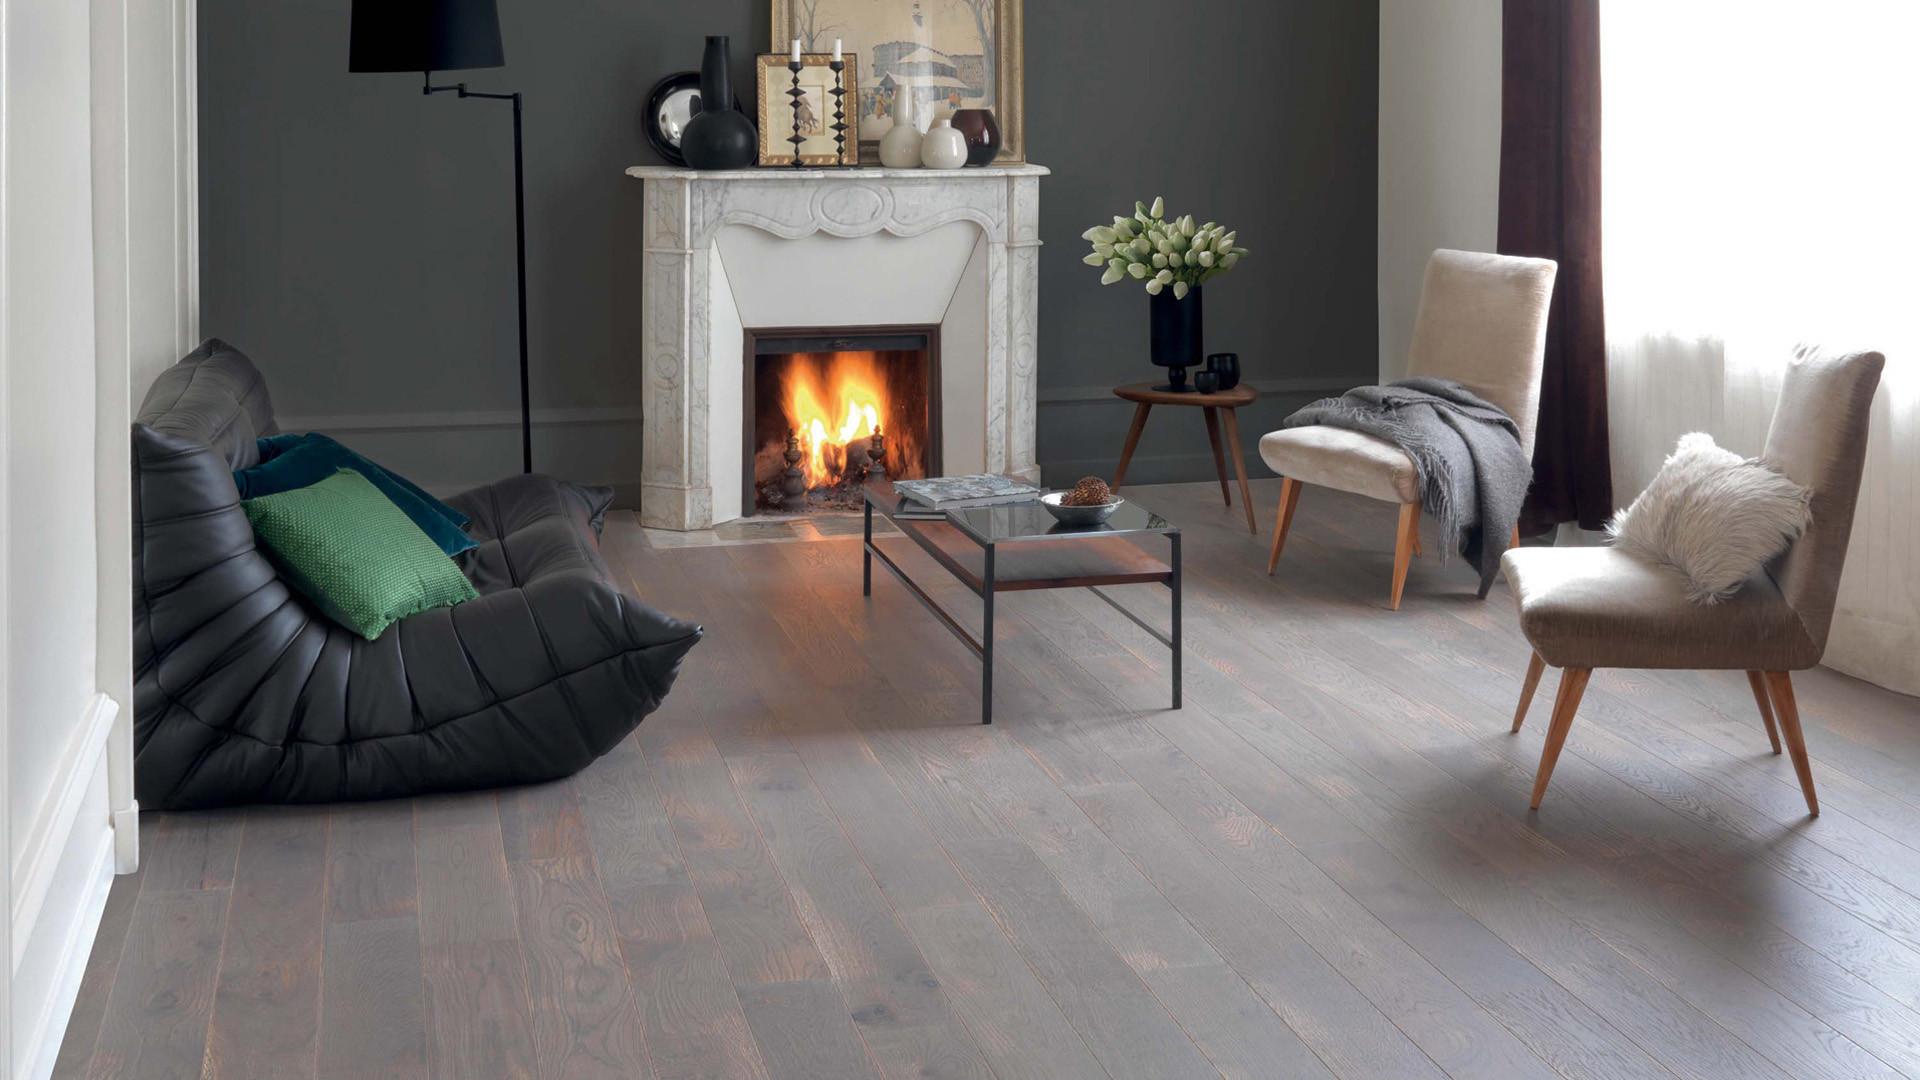 fabricant fran ais de parquets en bois design panaget. Black Bedroom Furniture Sets. Home Design Ideas